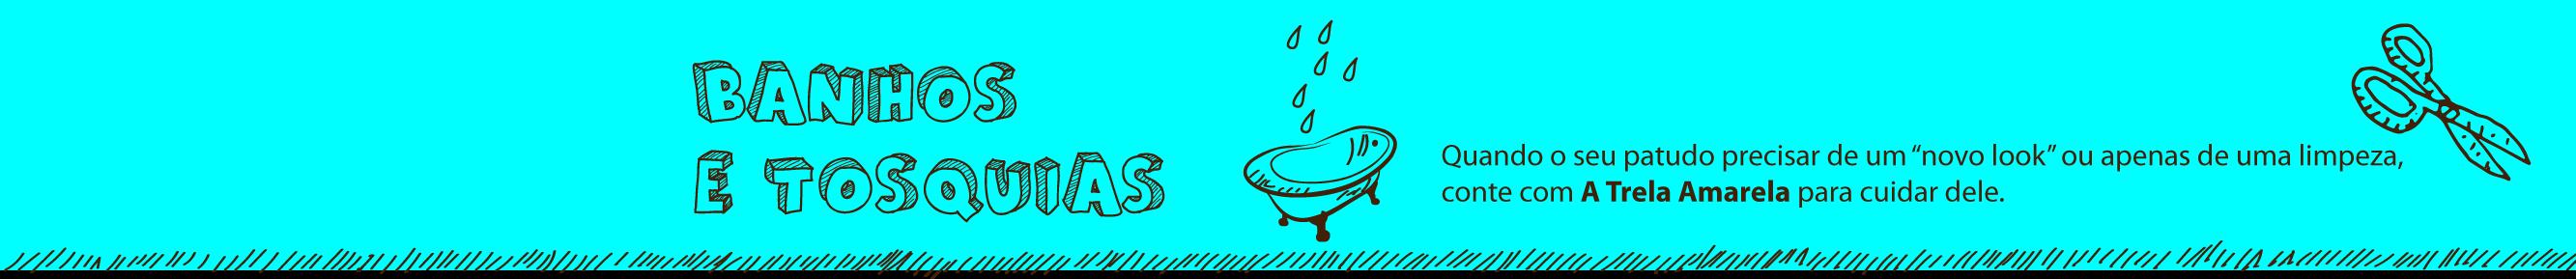 header-banhos-e-tosquias